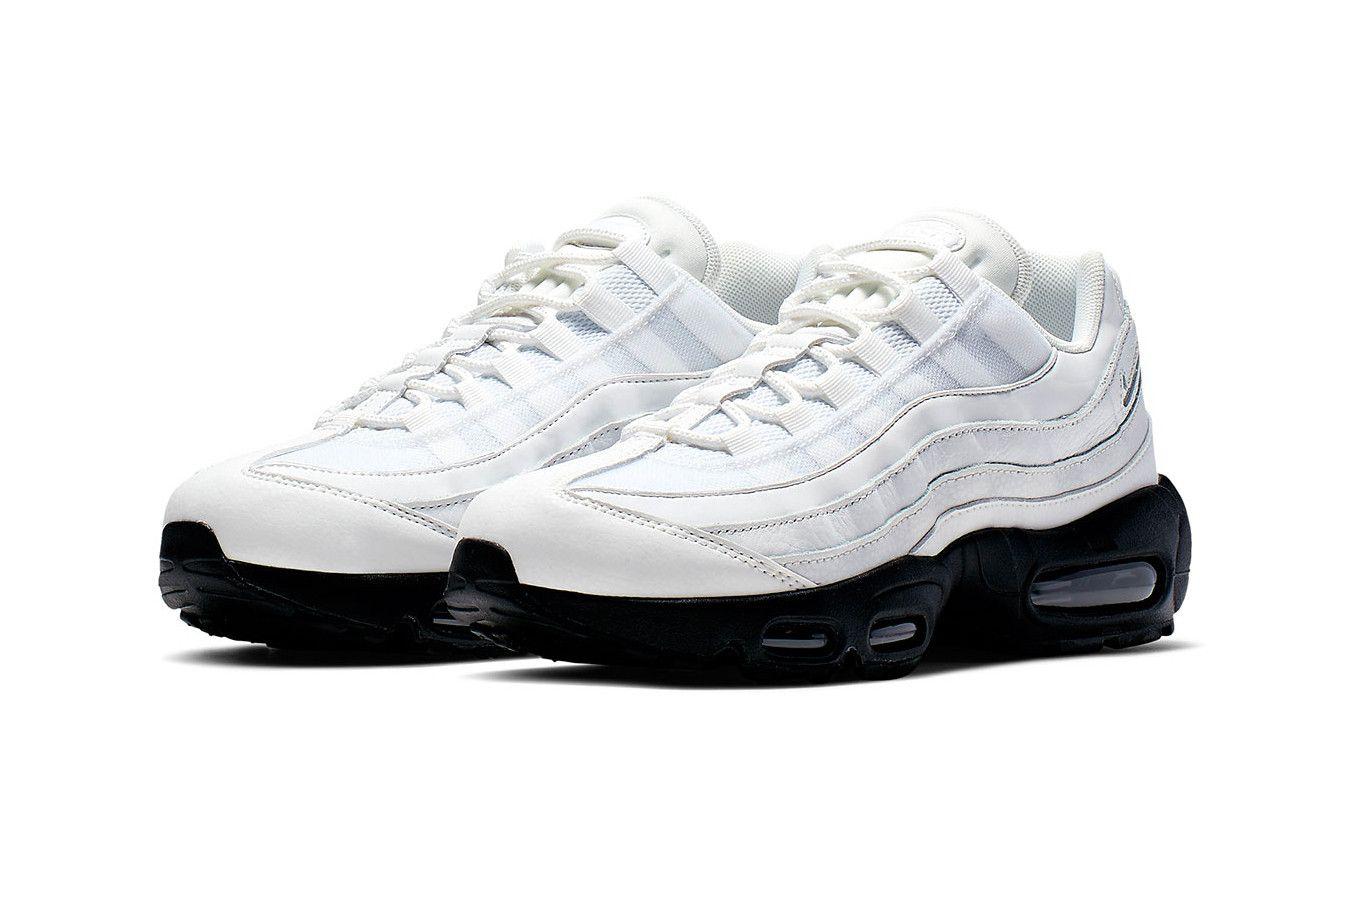 abe0e583fd34 2019 的 Nike s Air Max 95